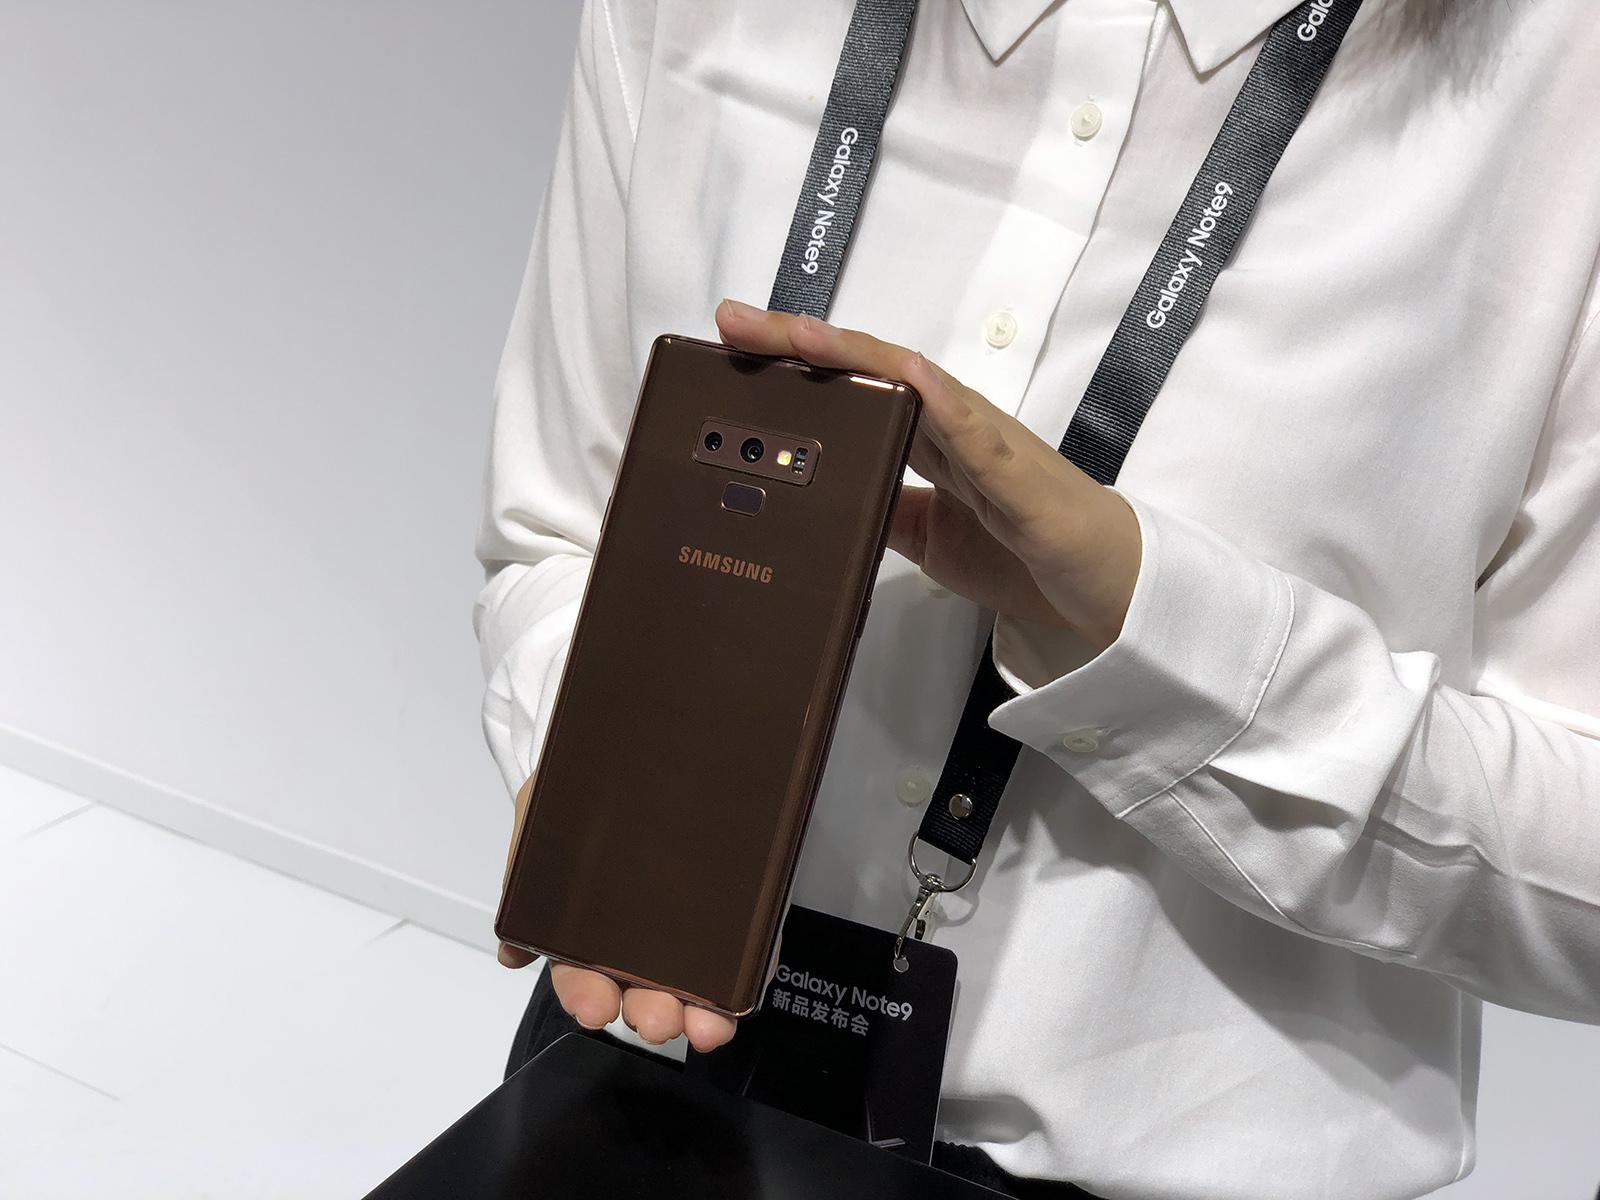 痴心满满 白虎Galaxy Note9国行版本标准发布